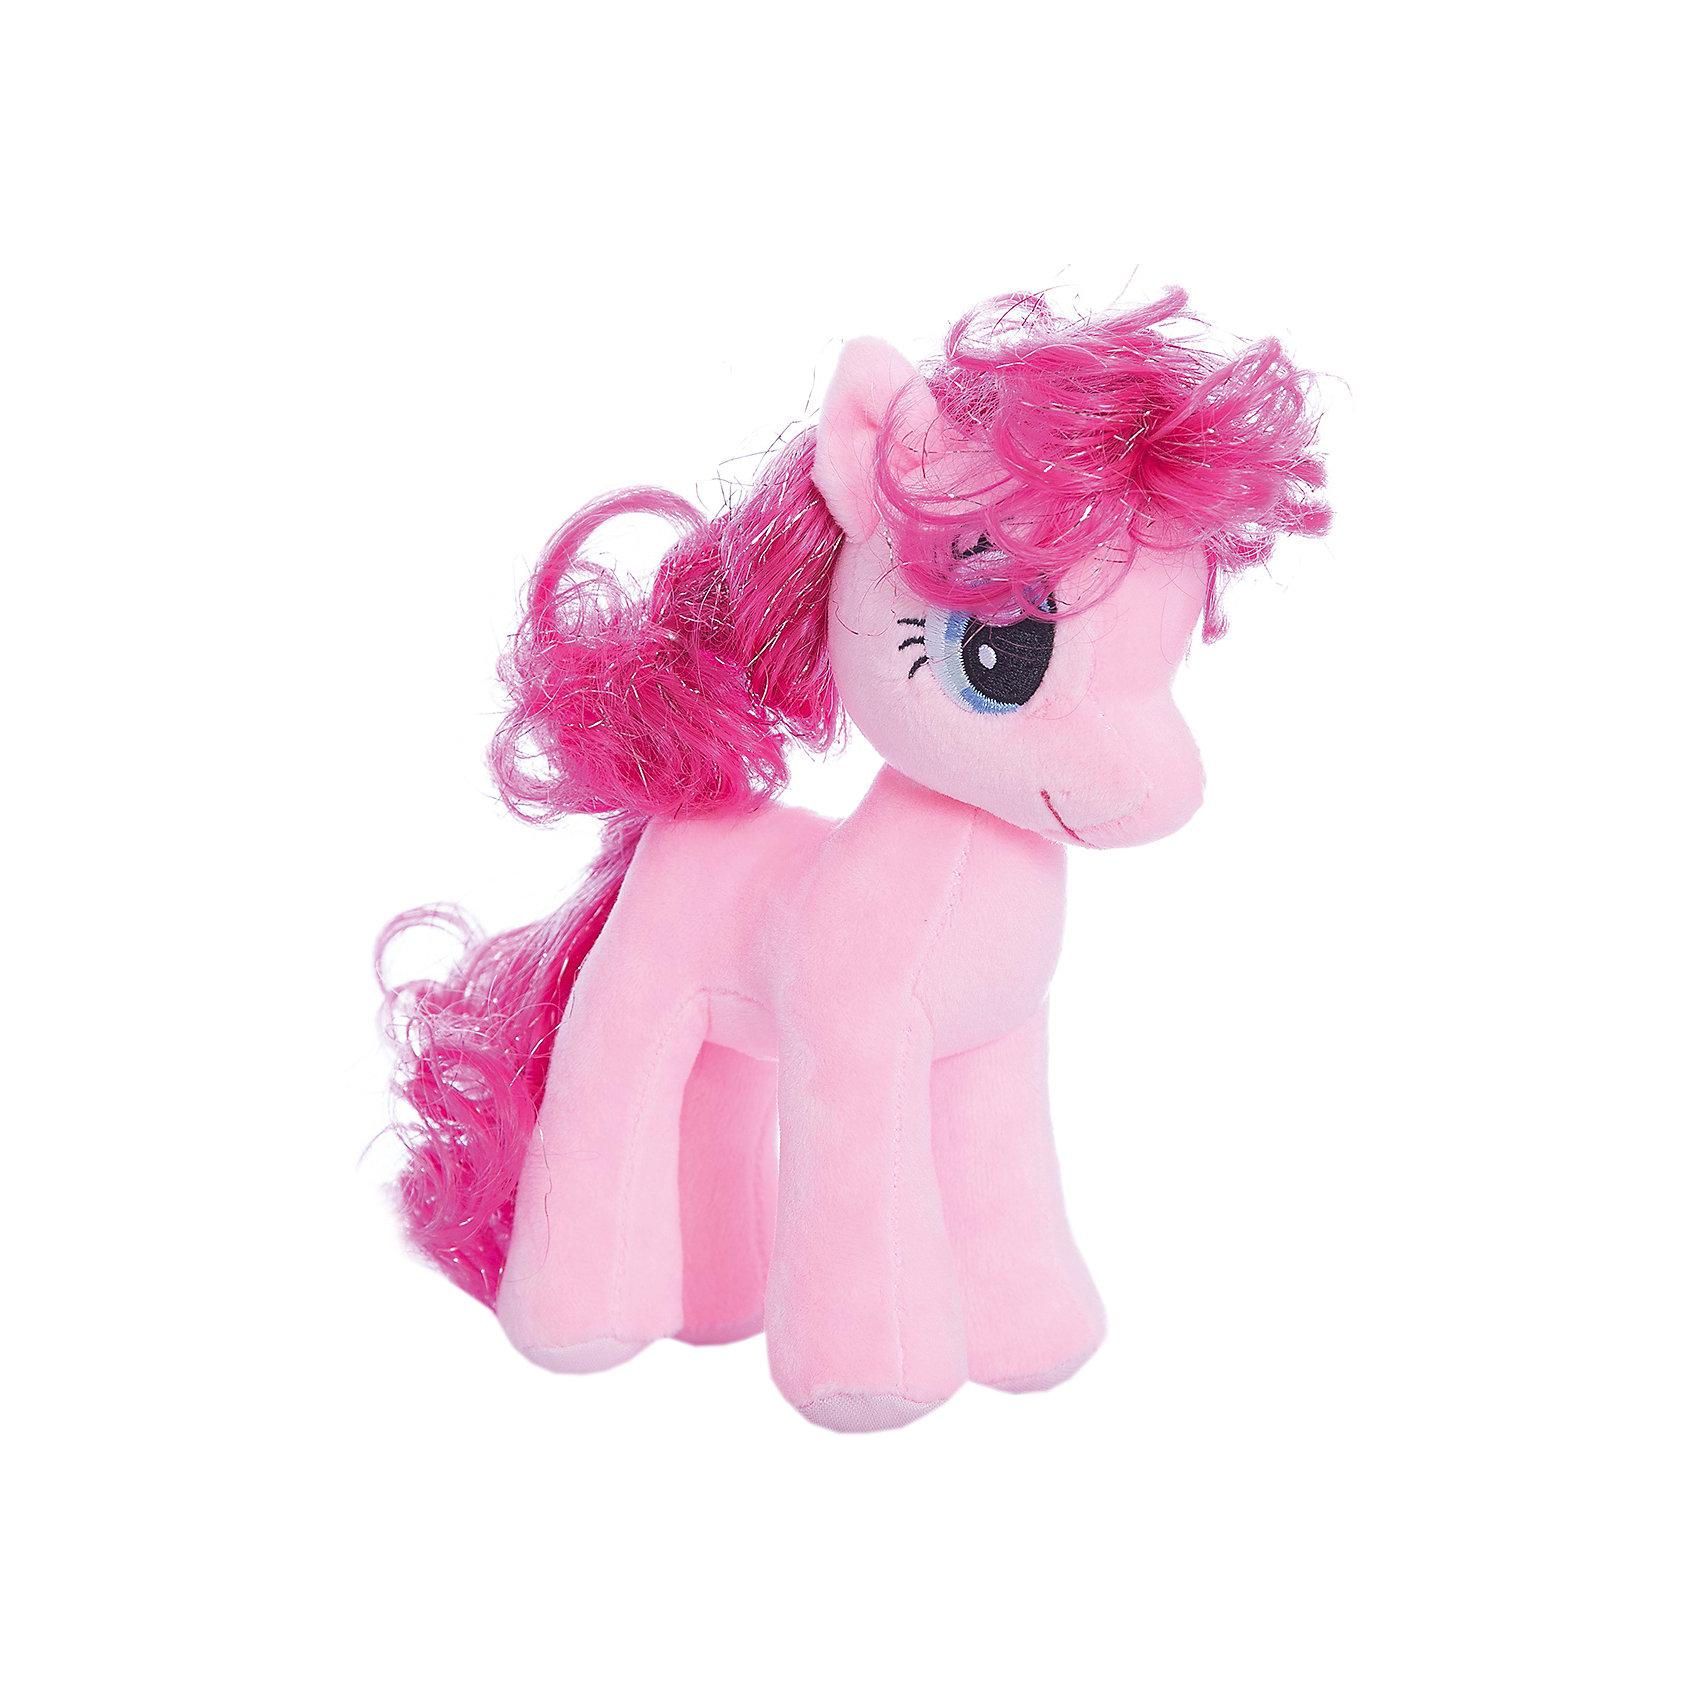 Пони Пинки Пай, 20 см, My Little Pony, TyЛюбимые герои<br>Маленькие девочки очень любят животных. Особенно любят лошадей. Для маленькой девочки нужна и маленькая лошадка. Такой лошадкой является пони. Вашей дочке обязательно понравится красивая малышка: Pony Pinkie Pie (Пони Пинки Пай), которая станет новой любимицей ребенка. Чудесная милая Пони имеет яркую красивую окраску и шелковистую гриву. Большие выразительные глаза пони смотрят с такой трогательной добротой, что так и хочется взять игрушку  на руки и заботиться об этой малютке. <br><br>Дополнительная информация:<br><br>- Игрушка развивает: тактильные навыки, зрительную координацию, мелкую моторику рук;<br>- Идеальный подарок для любителей серии: My Little Pony (Моя Маленькая Пони);<br>- Материалы не вызовут аллергии у Вашего малыша;<br>- Приятная на ощупь;<br>- Яркие и стойкие цвета приятны для глаз;<br>- Материал: плюш;<br>- Высота игрушки: 20 см;<br>- Вес: 88 г<br><br>Pony Pinkie Pie (Пони Пинки Пай), 20 см, My Little Pony, Ty можно купить в нашем интернет-магазине.<br><br>Ширина мм: 203<br>Глубина мм: 203<br>Высота мм: 203<br>Вес г: 88<br>Возраст от месяцев: 36<br>Возраст до месяцев: 120<br>Пол: Унисекс<br>Возраст: Детский<br>SKU: 3676490